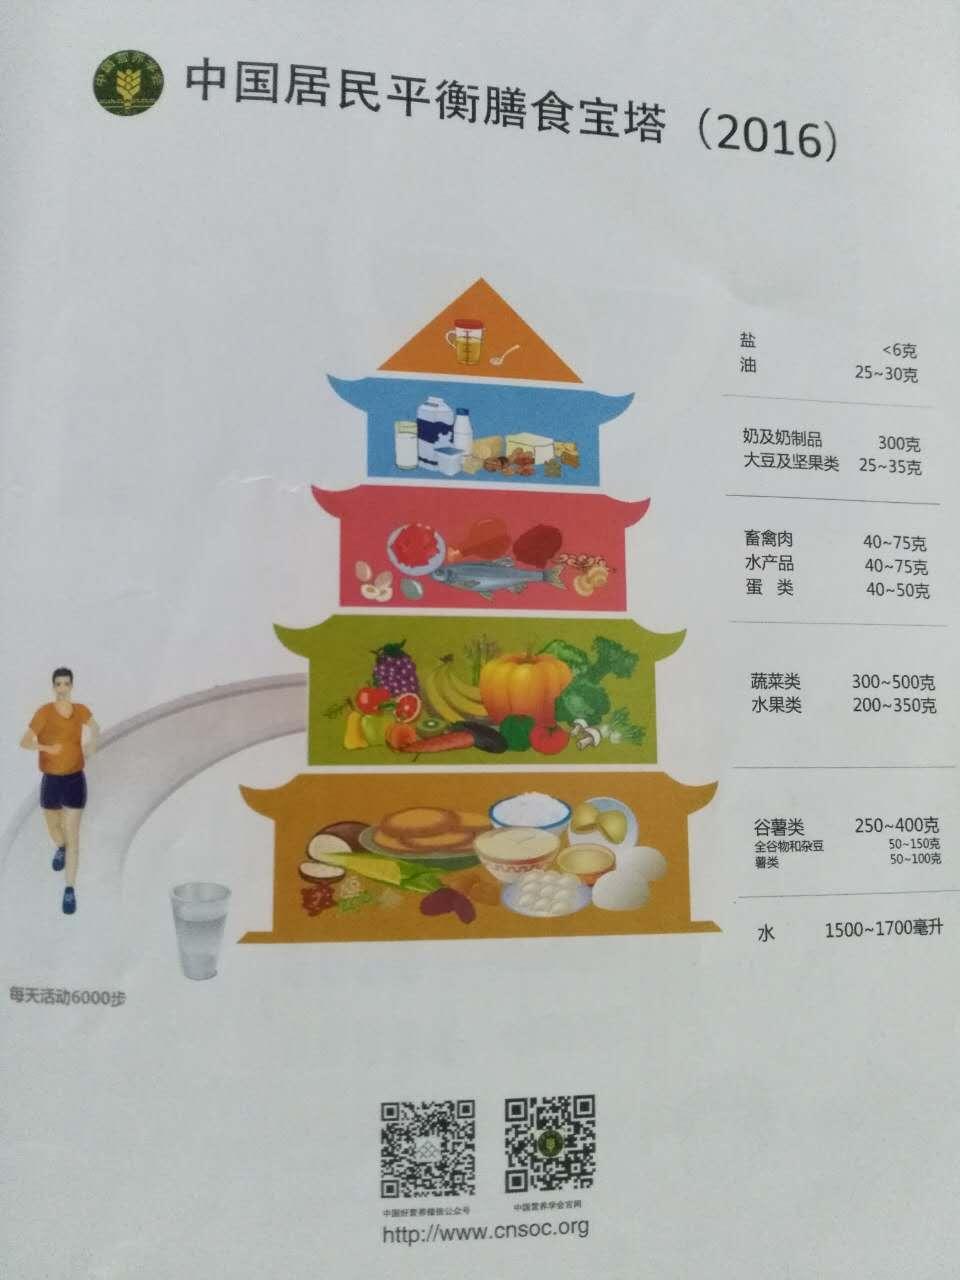 2016年中国居民平衡膳食宝塔